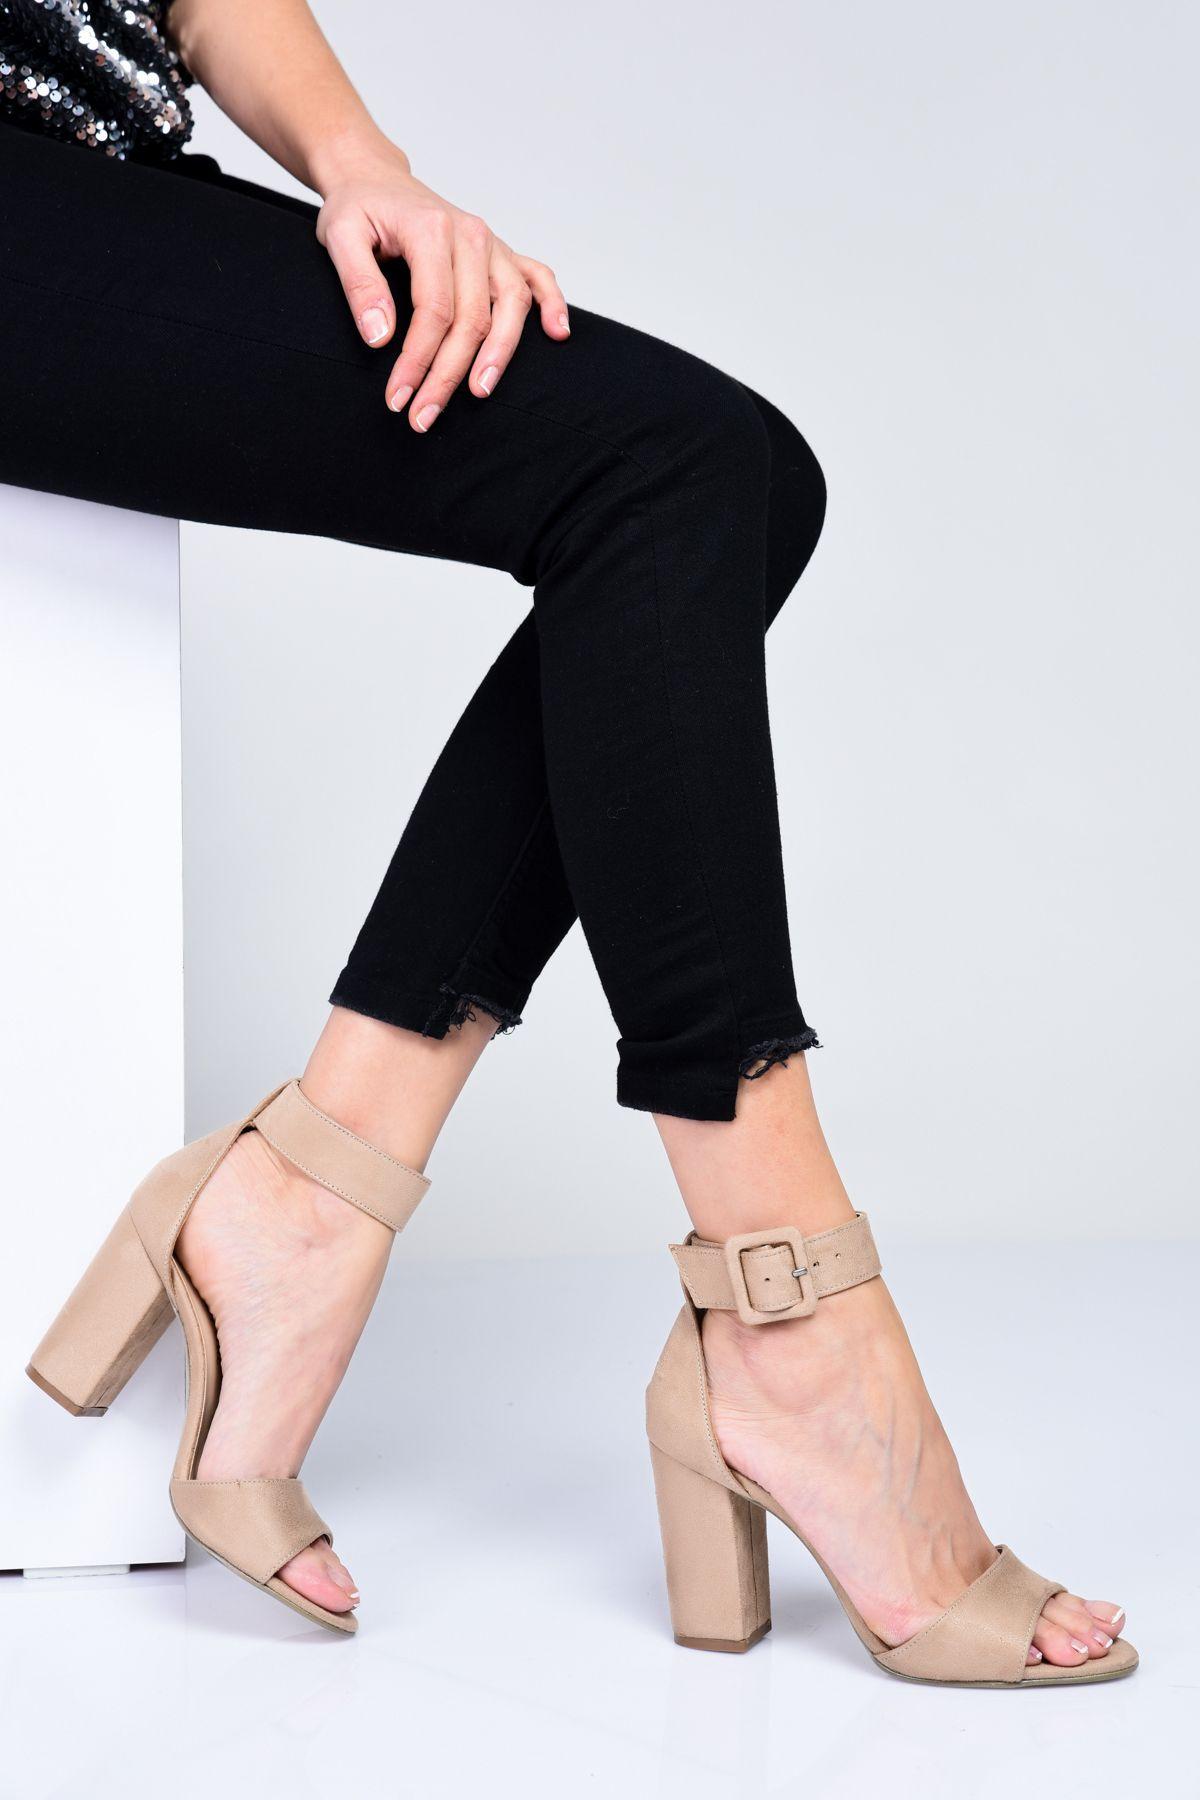 39623531e5cae Kadın Topuklu Ayakkabı Modelleri, Fiyatları, Aynı Gün Kargo - Shoes Time